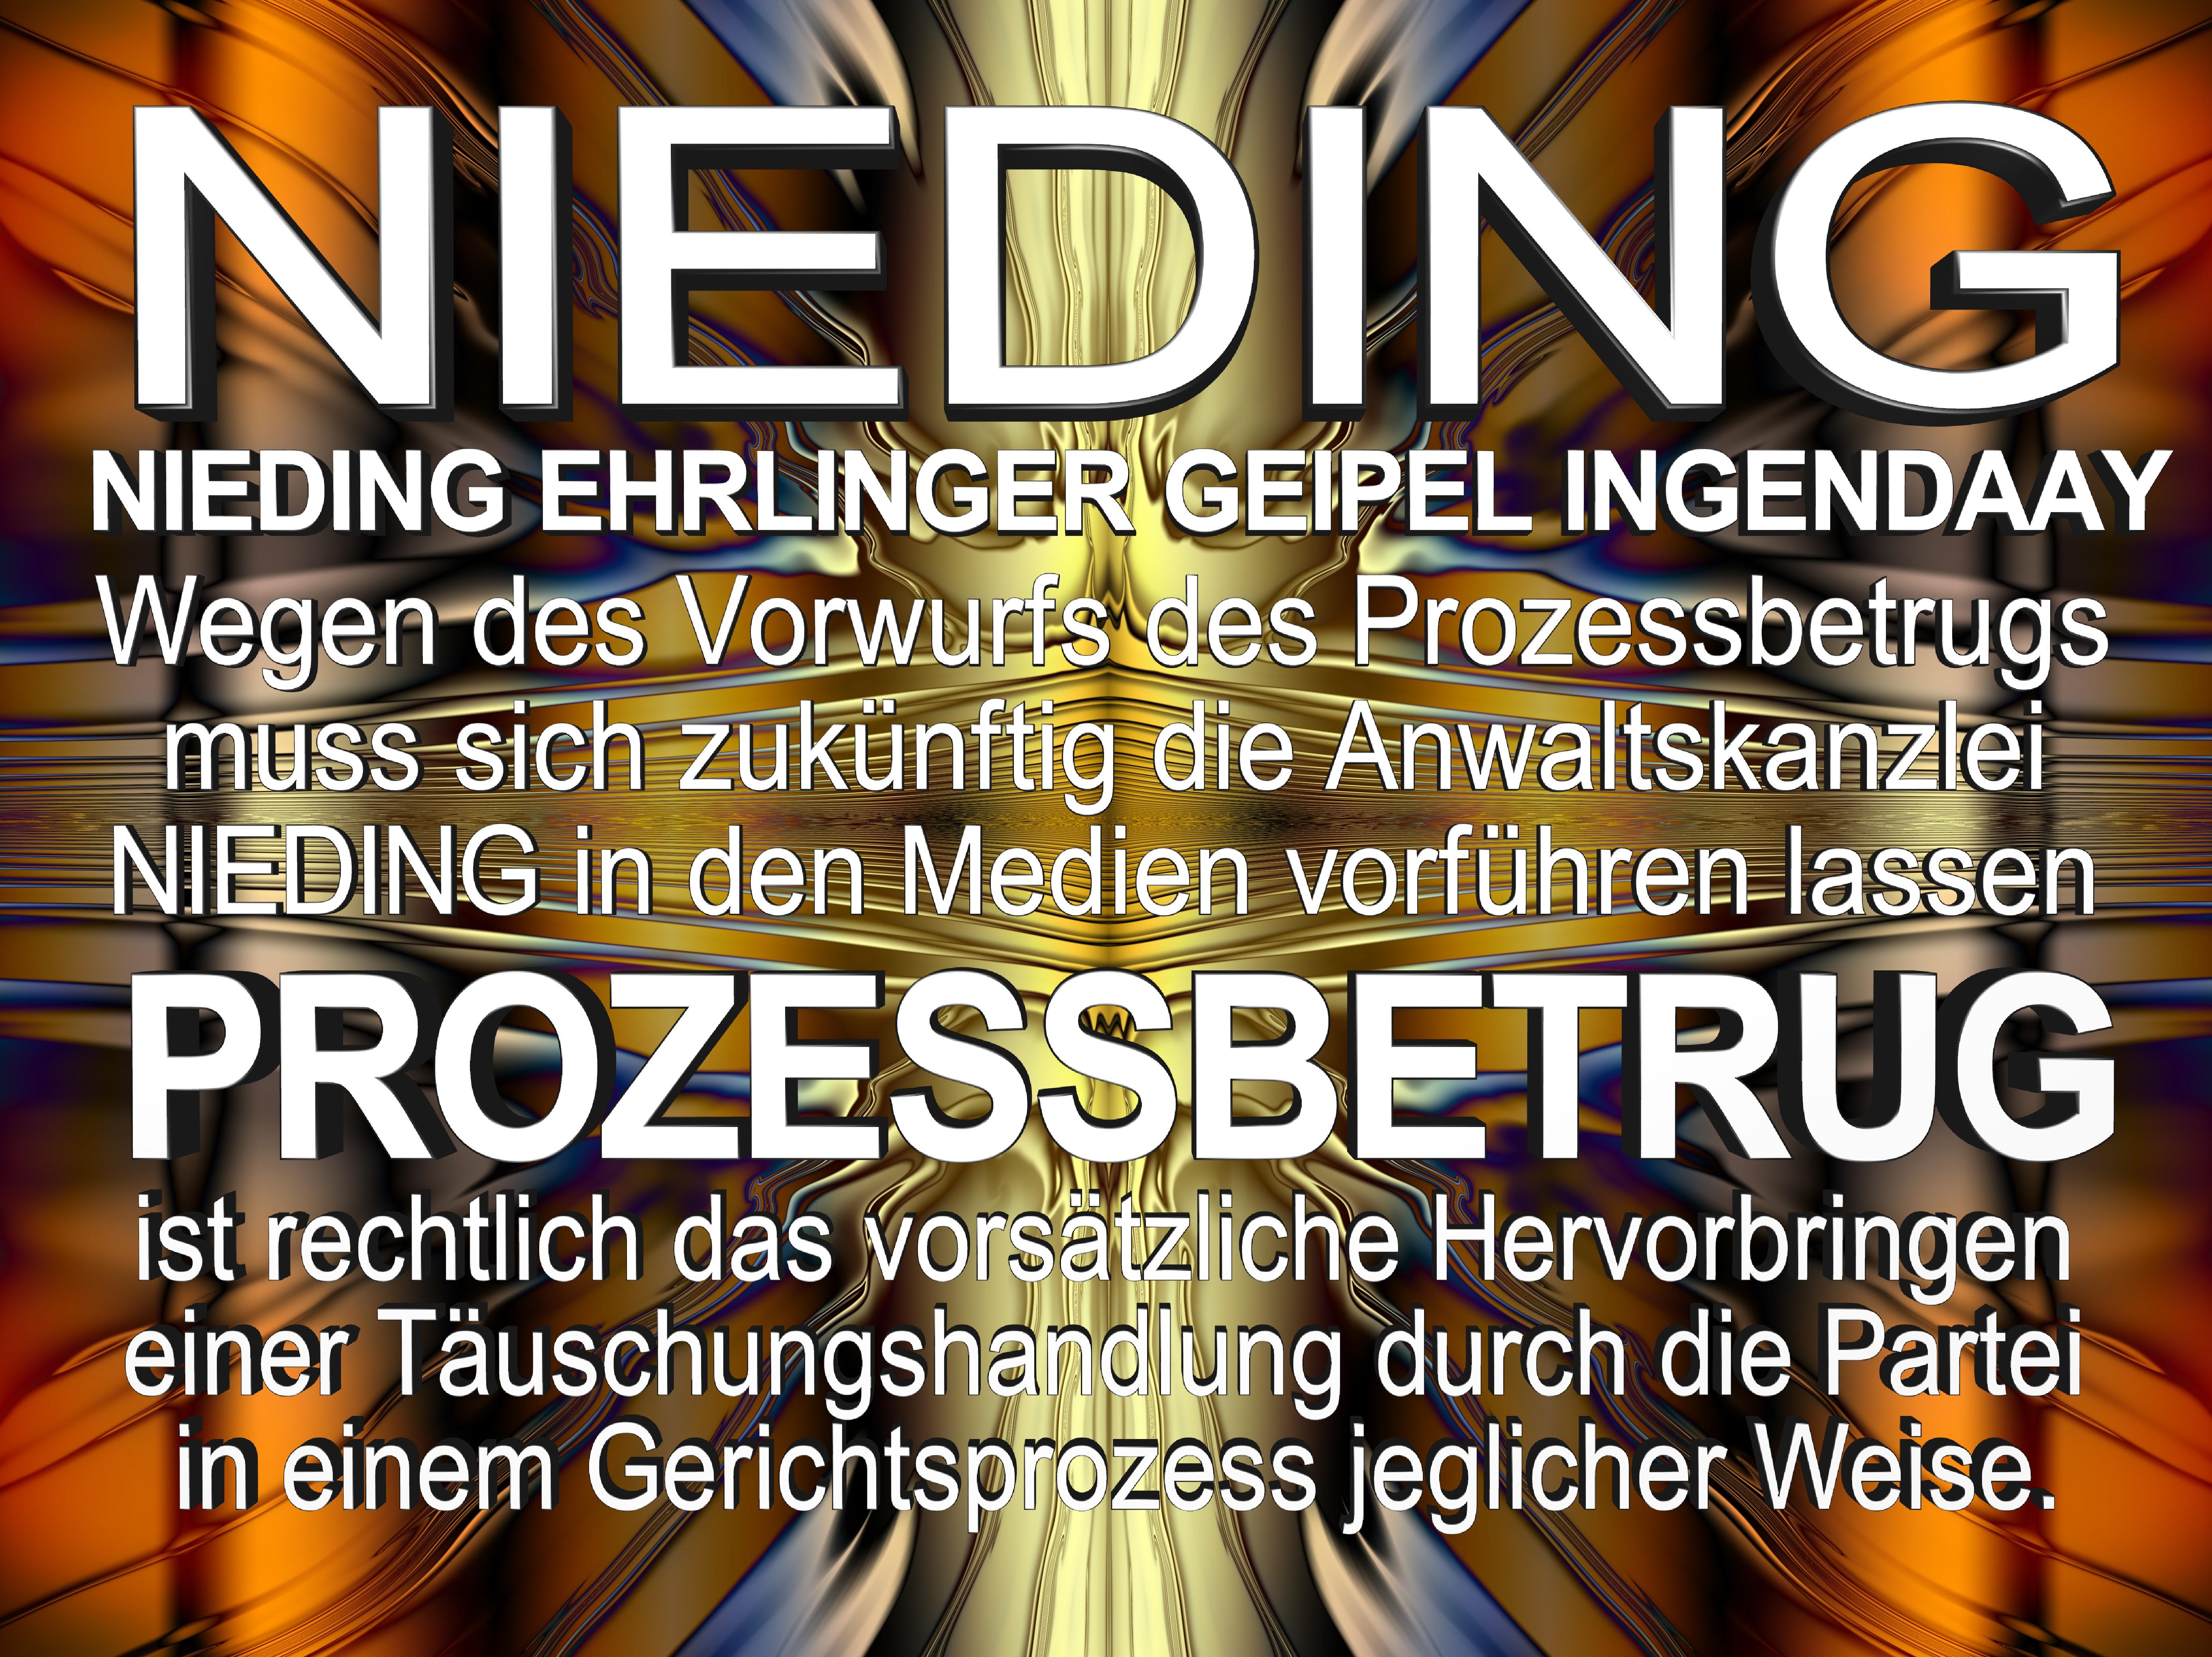 NIEDING EHRLINGER GEIPEL INGENDAAY LELKE Kurfürstendamm 66 Berlin (196)